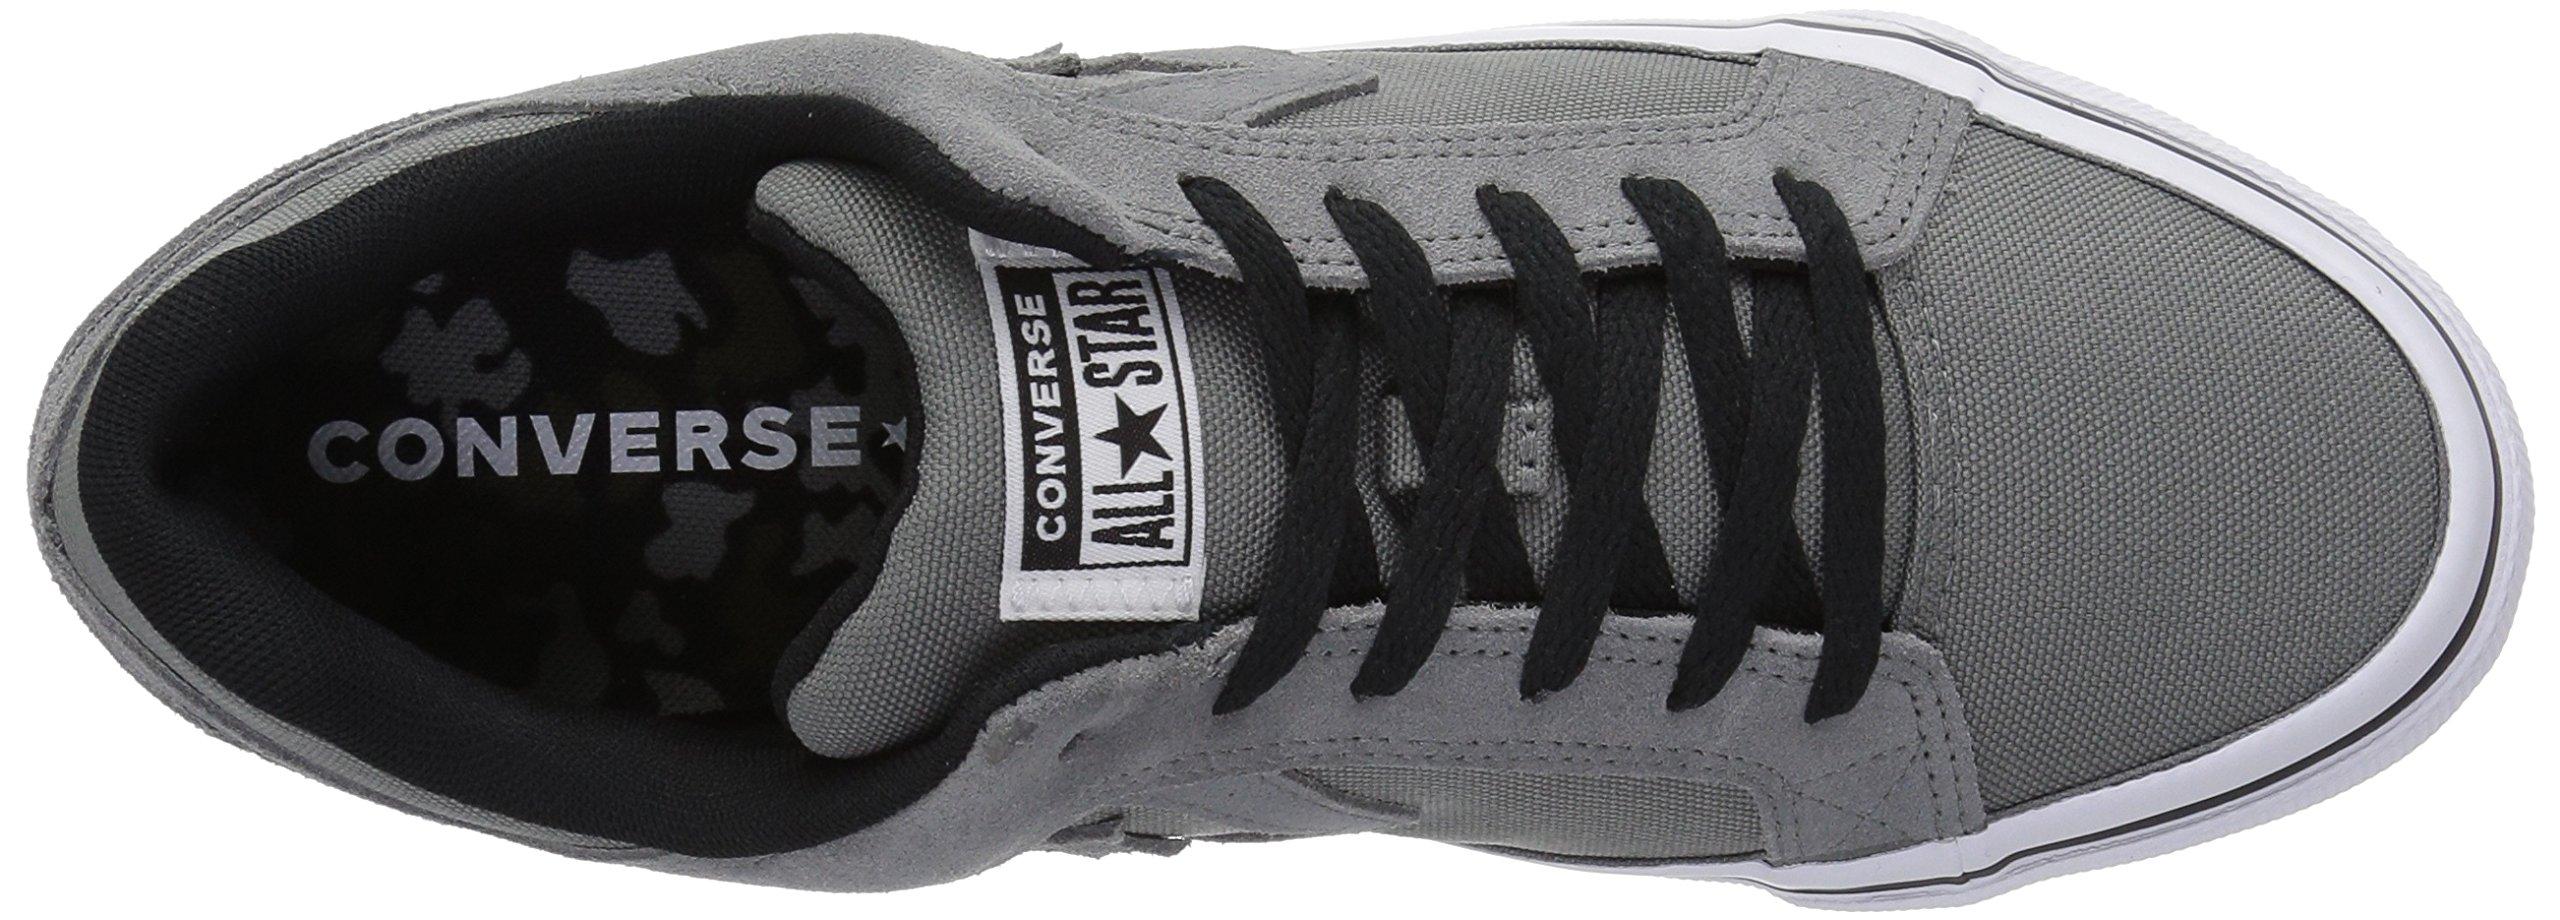 Converse EL Distrito Canvas Low Top Sneaker, Mason/White/Black, 12 M US by Converse (Image #7)